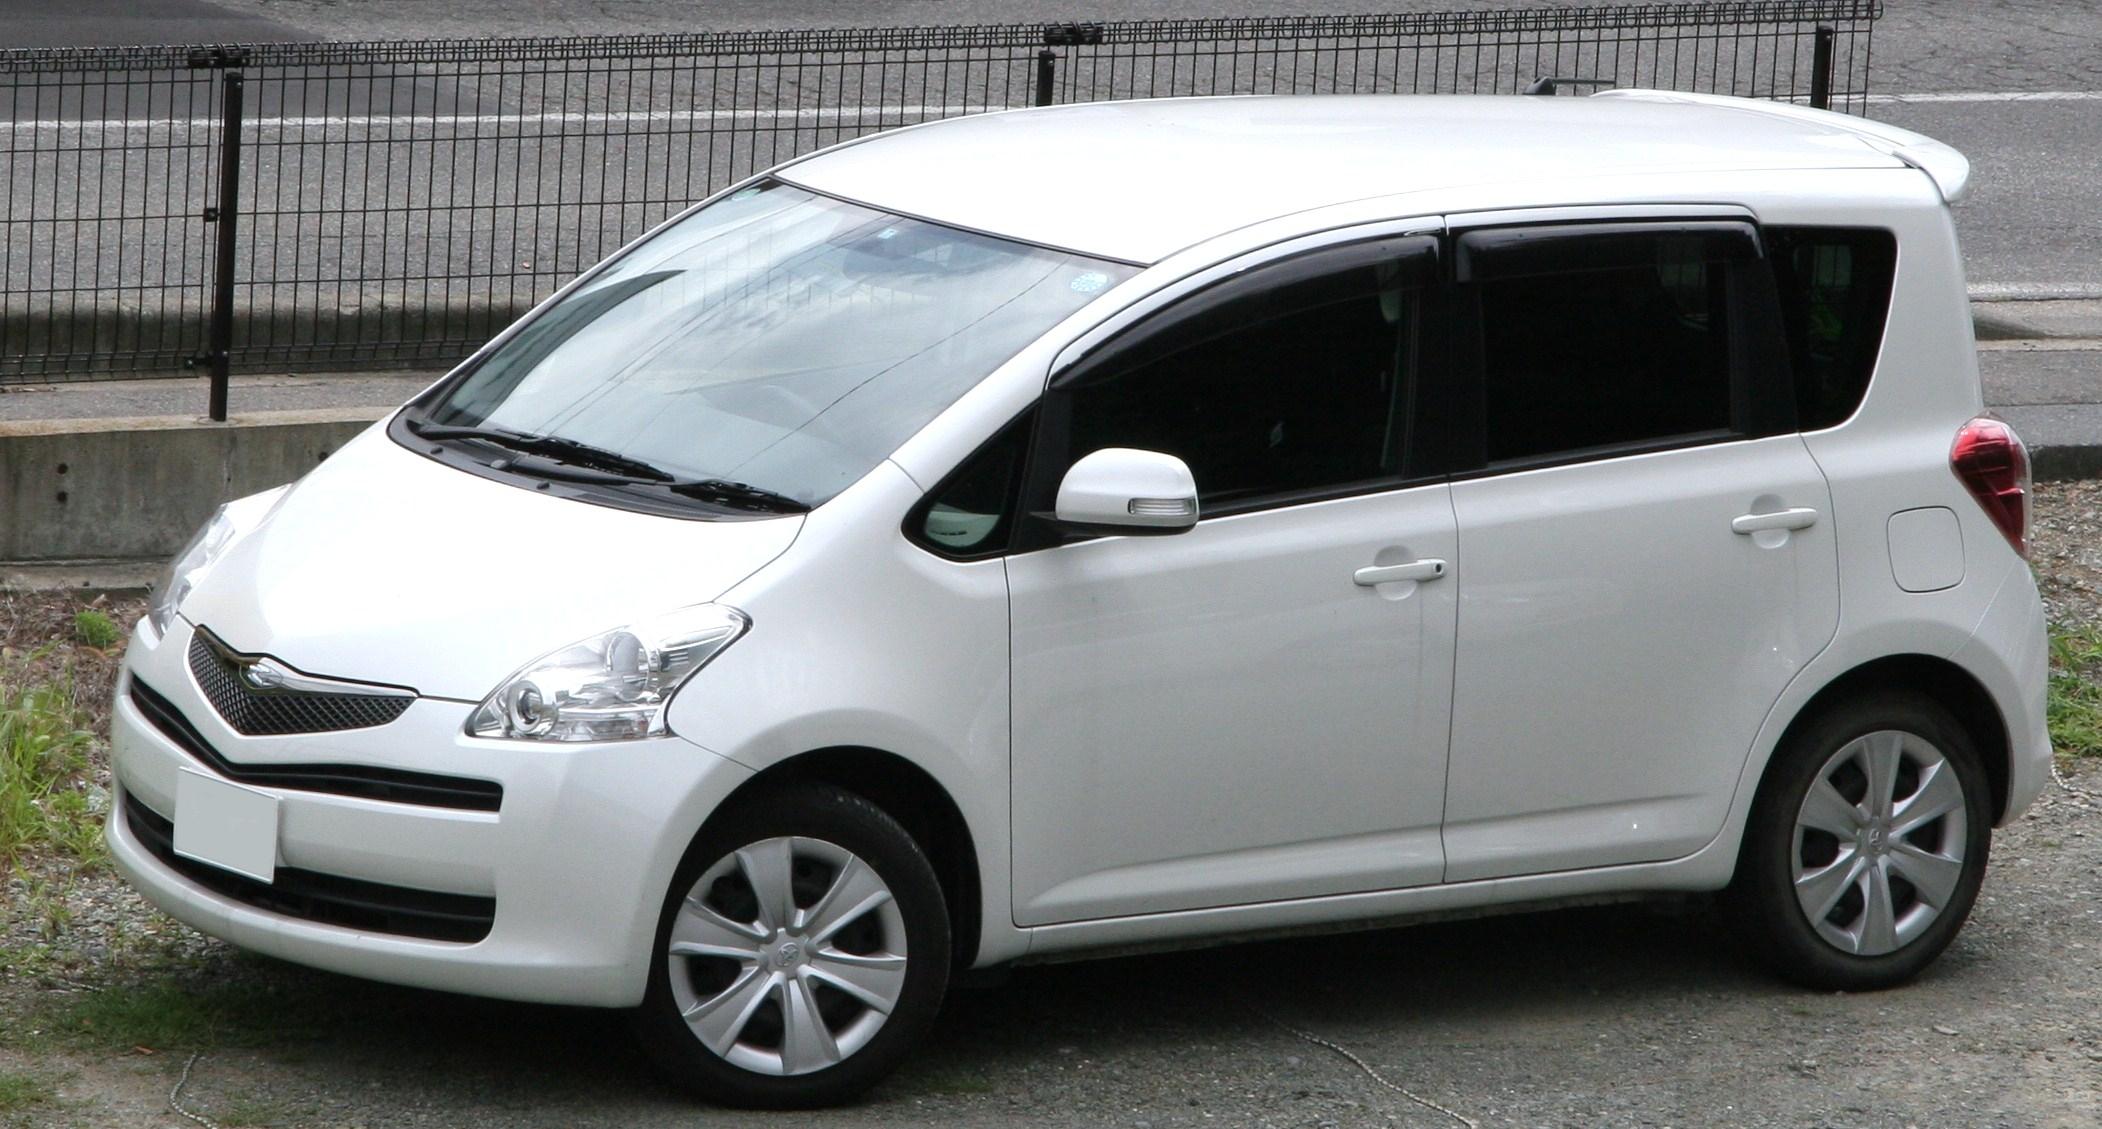 Toyota Ractis Wikiwand